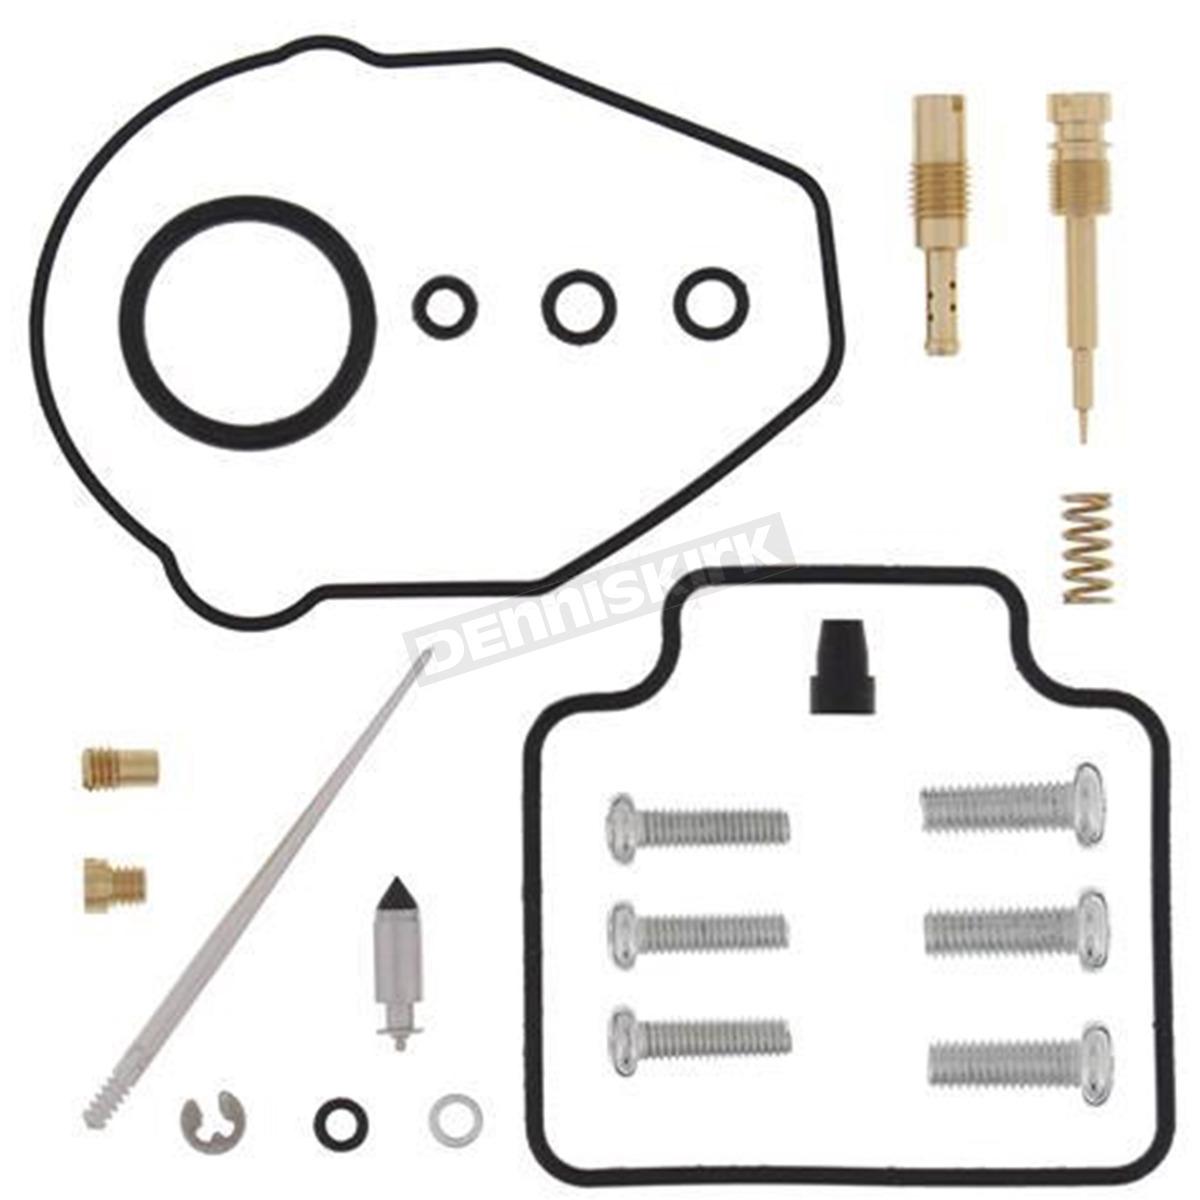 Moose Carb Repair Kit